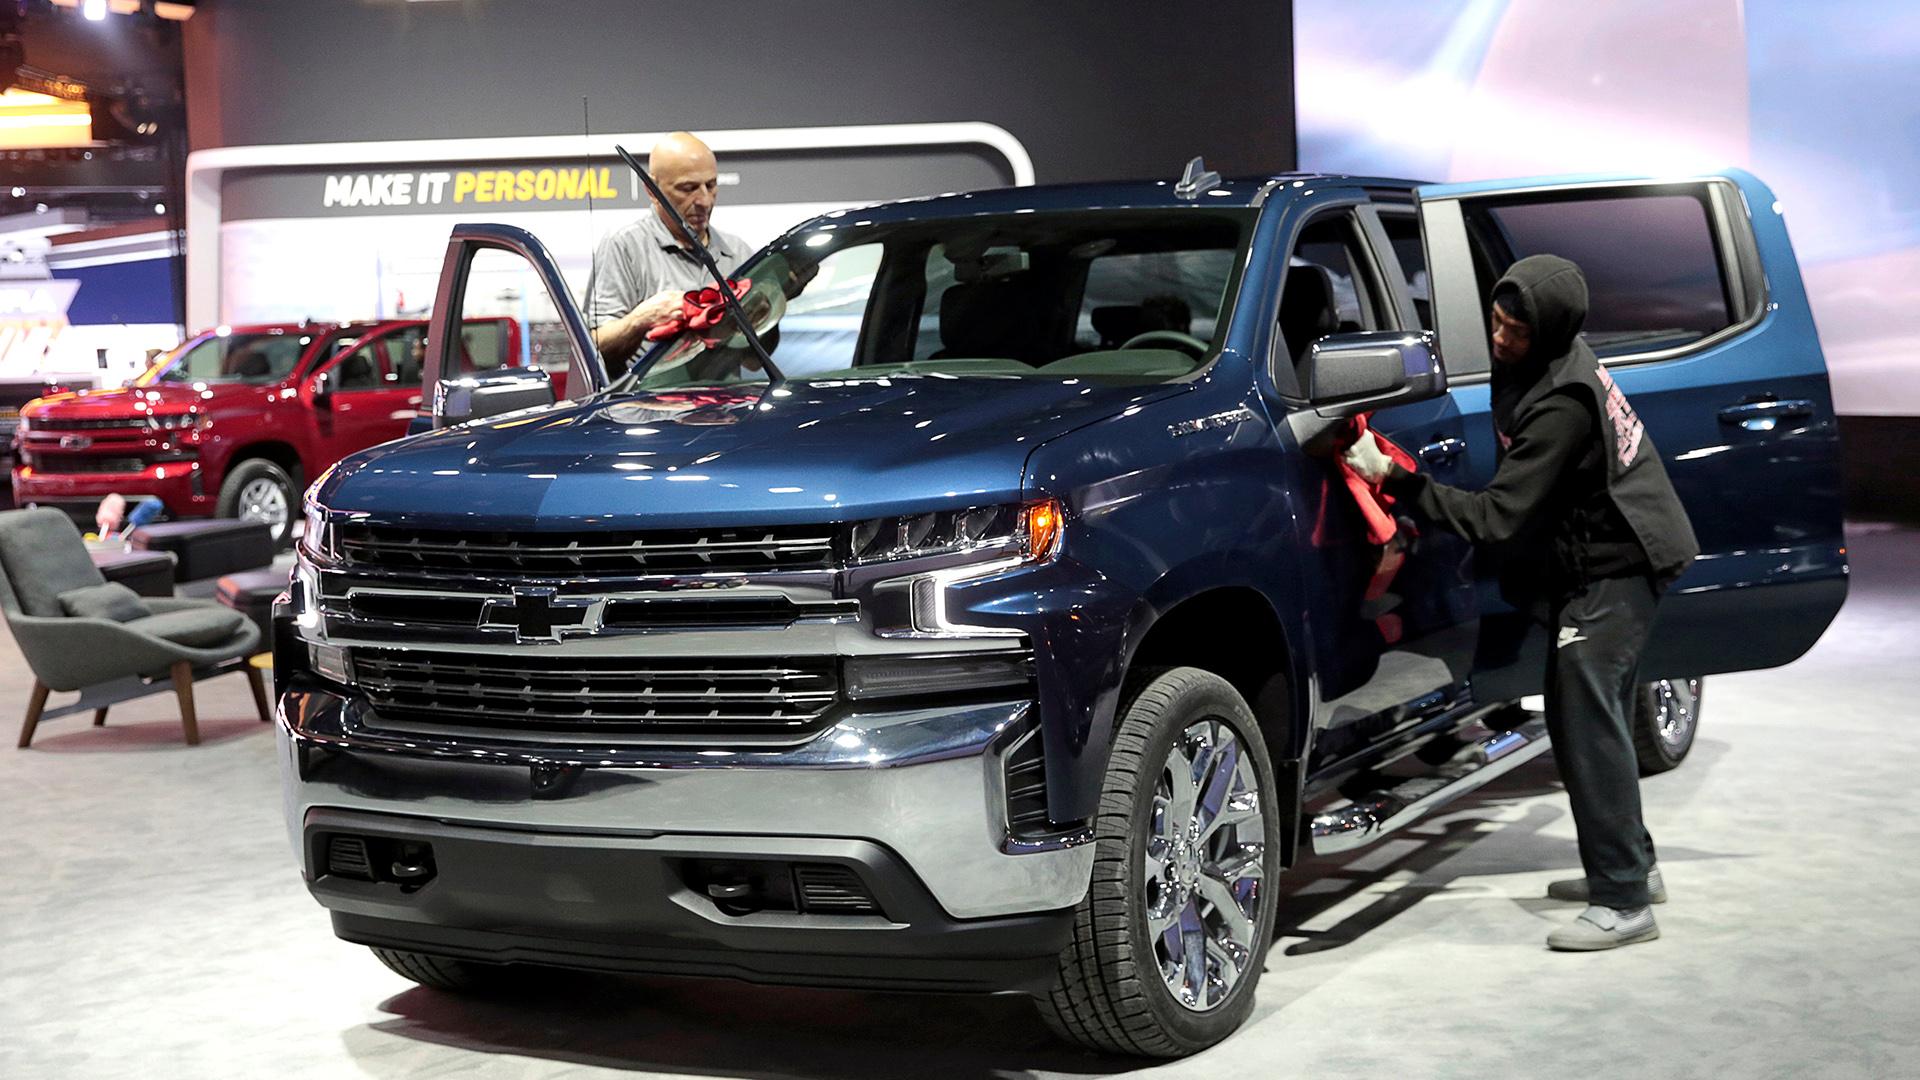 las fotos salon del automovil de detroit 2019 lujosos deportivos y las camionetas suv que se vienen infobae